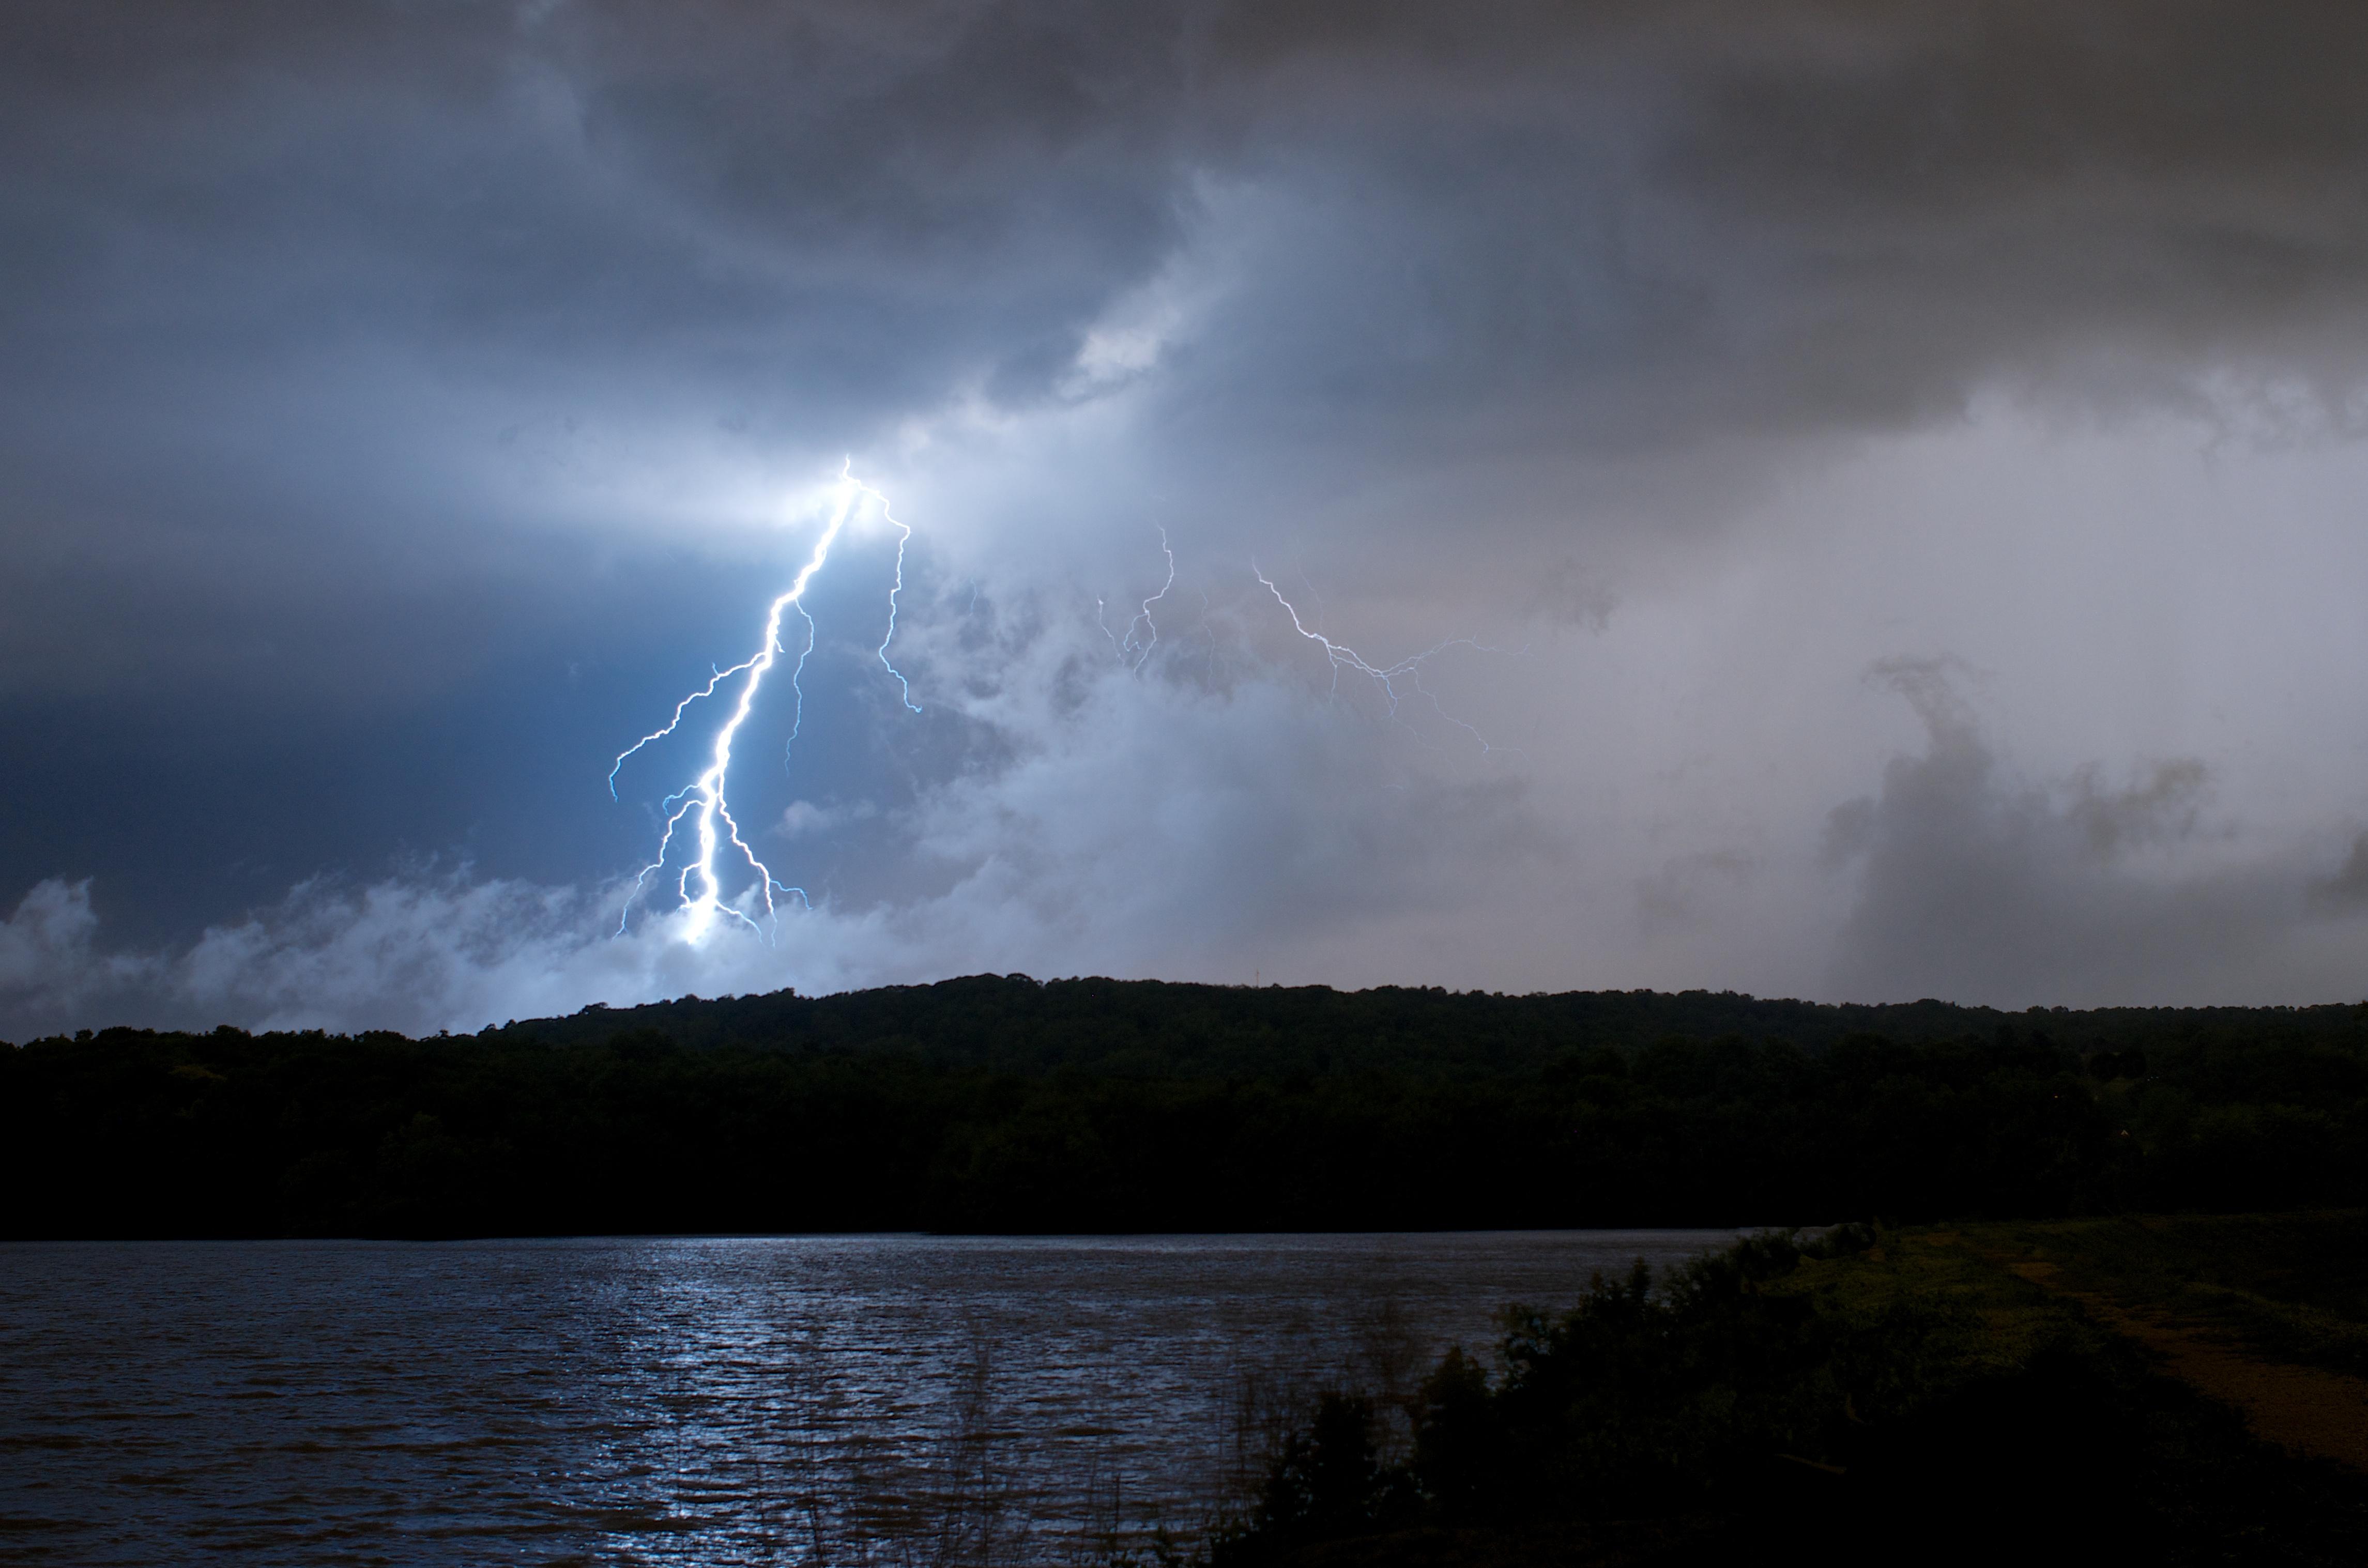 fond d 39 cran paysage lac eau ciel pluie calme foudre orage soir rivi re horizon. Black Bedroom Furniture Sets. Home Design Ideas